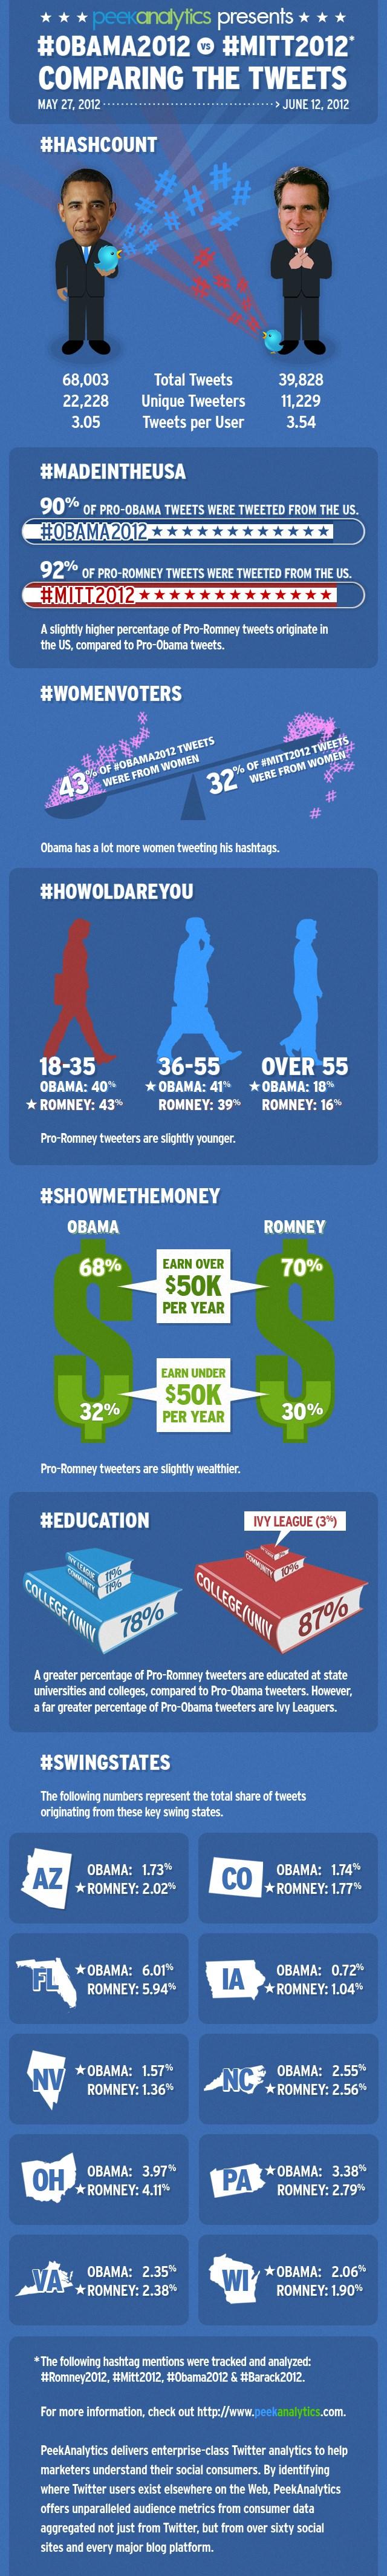 batalla electoral entre Obama y Romney en las redes sociales